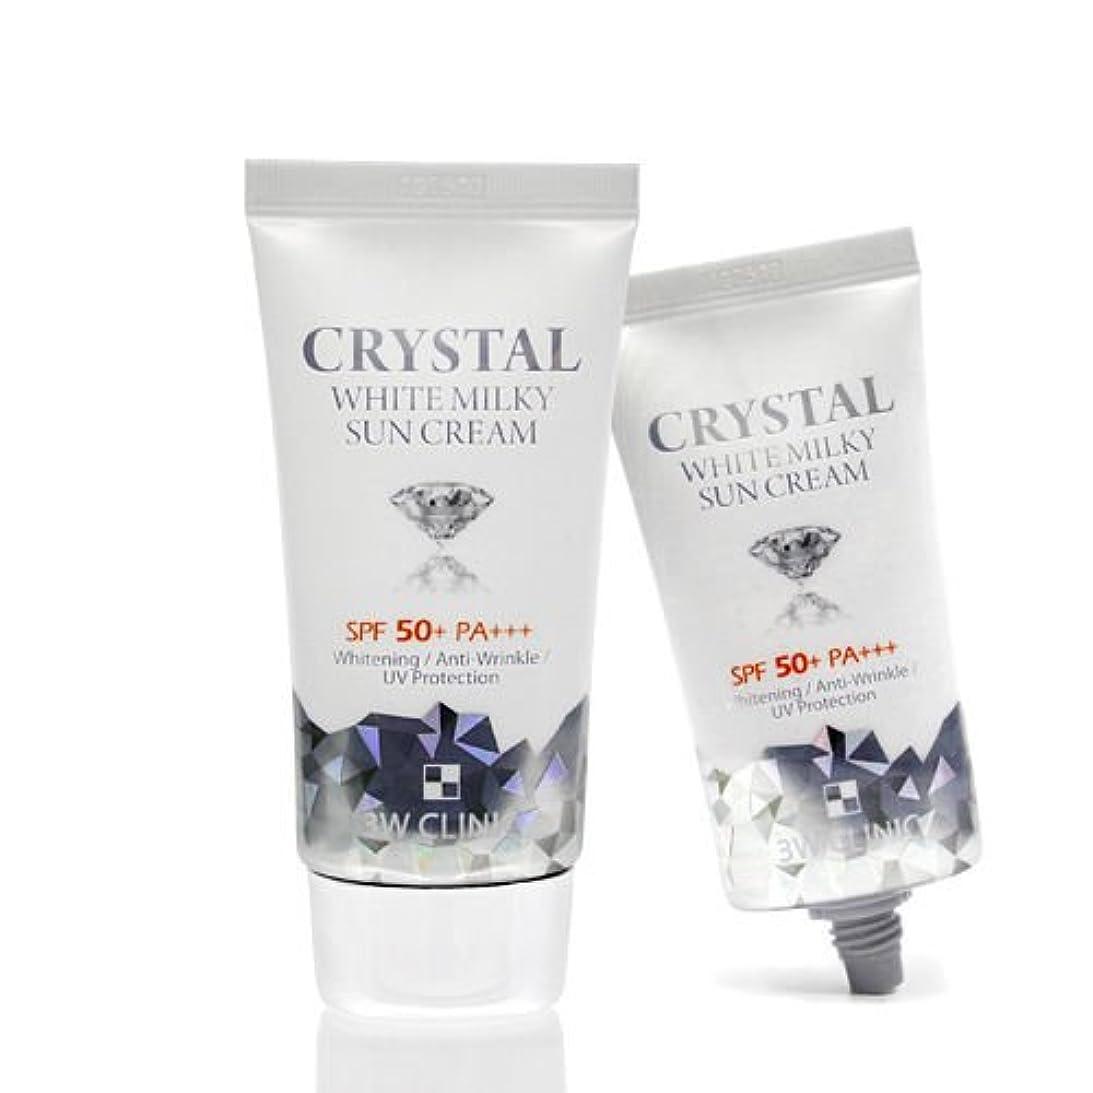 比類のない乙女不愉快に3Wクリニック[韓国コスメ3w Clinic]Crystal White Milky Sun Cream クリスタルホワイトミルキー 日焼け止めクリーム50ml[並行輸入品]